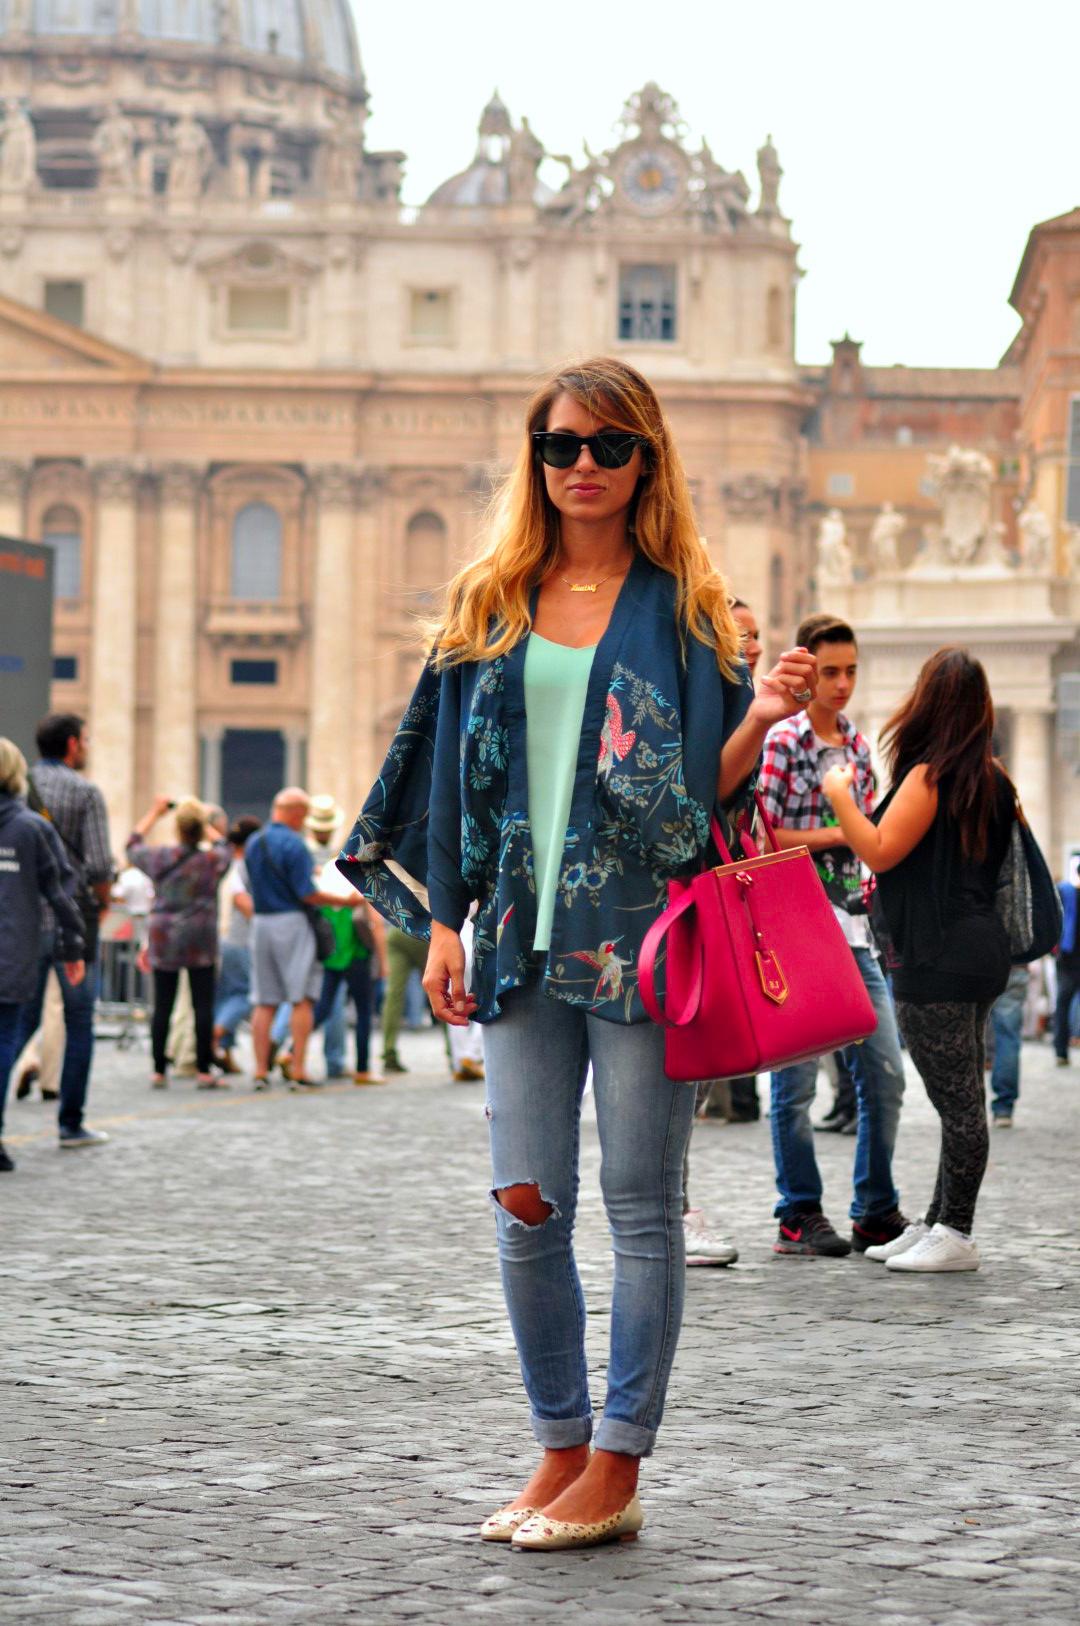 Ropa en el Vaticano, Roma, Italia roma - 29656679110 8bd2879aa4 o - 21+1 Cosas que NO hacer en Roma, Italia